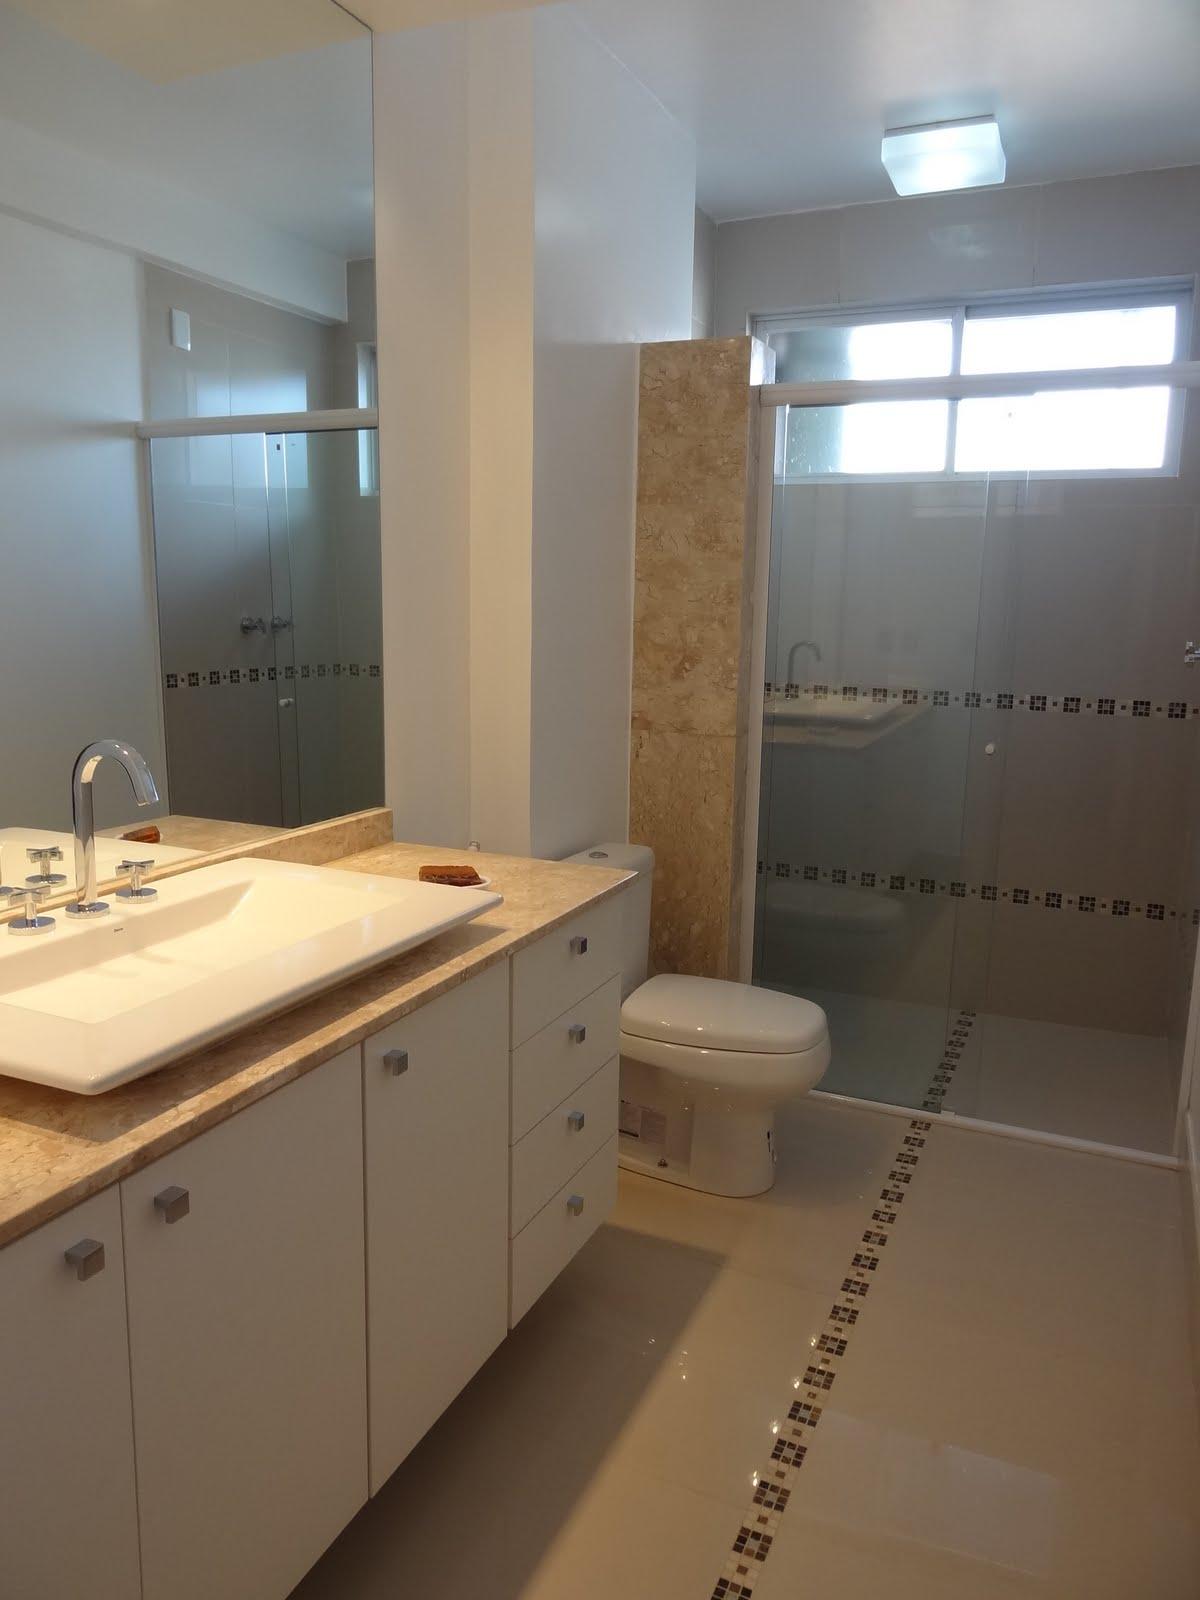 Banheiro: piso porcelanato com detalhes em placas da mozarte no piso  #A27129 1200x1600 Banheiro Com Porcelanato Madeira